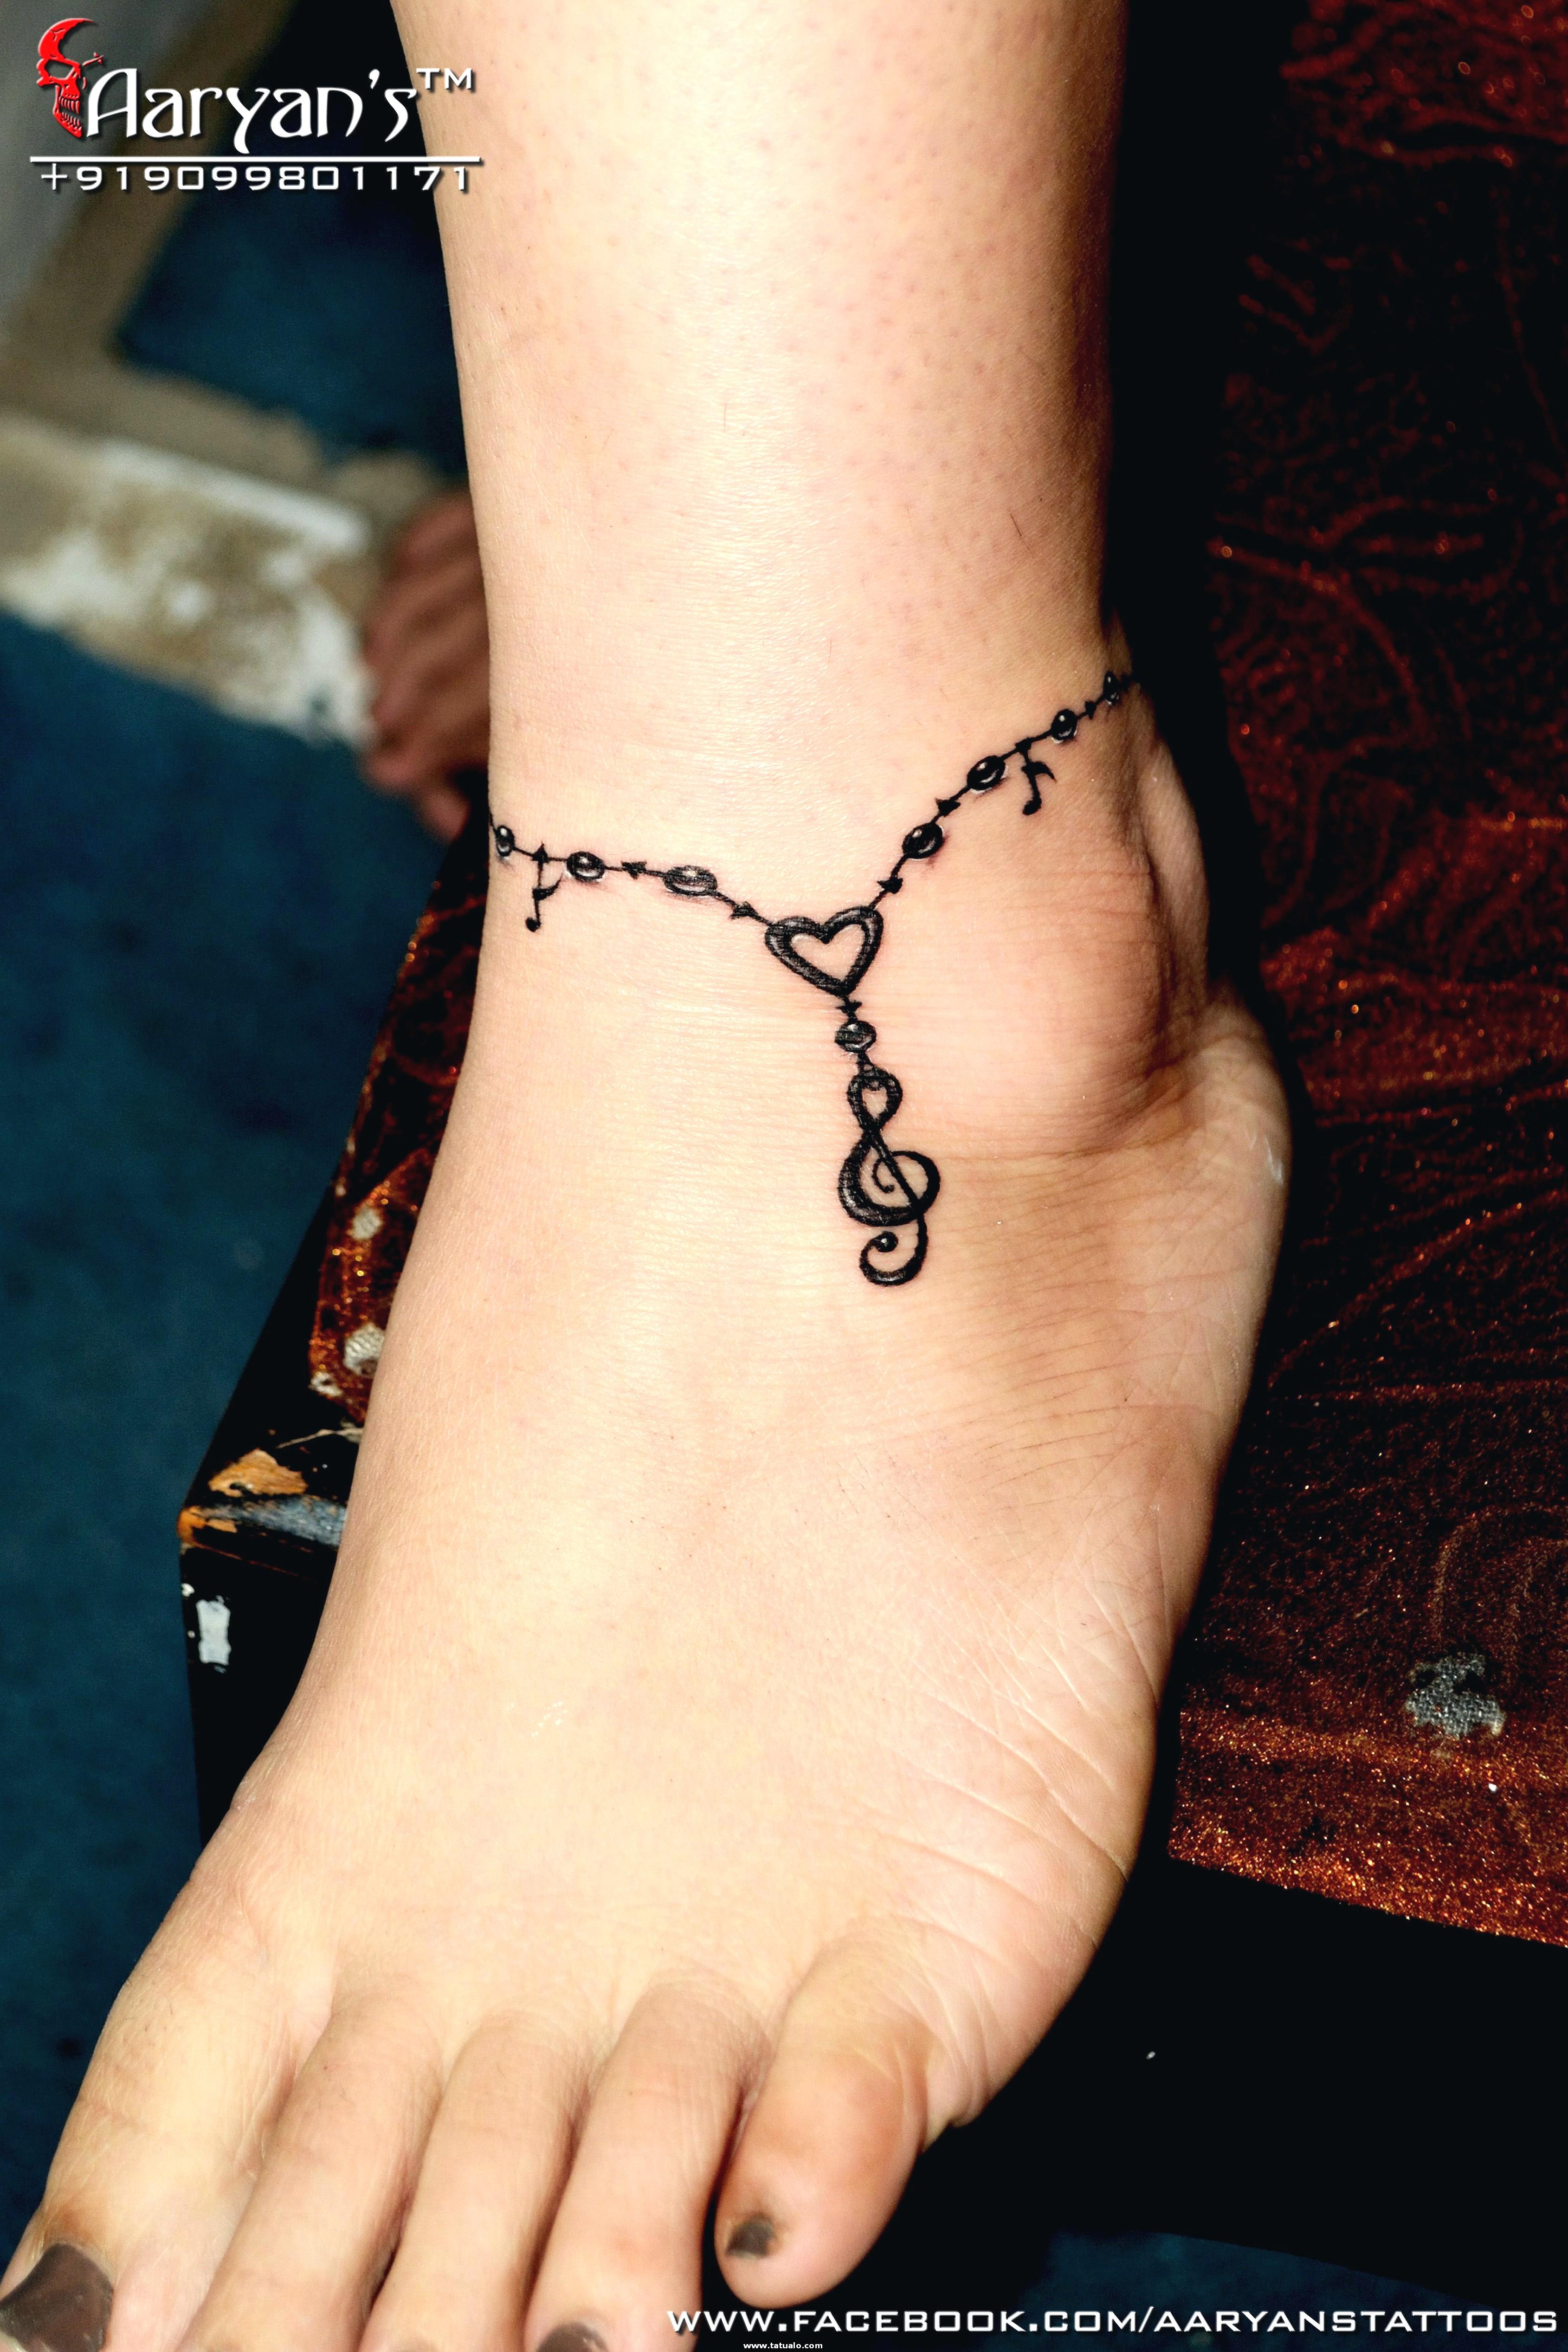 Tatuajes Para Pies Y Tobillo De Mujer. Imagenes De Tatuajes Para